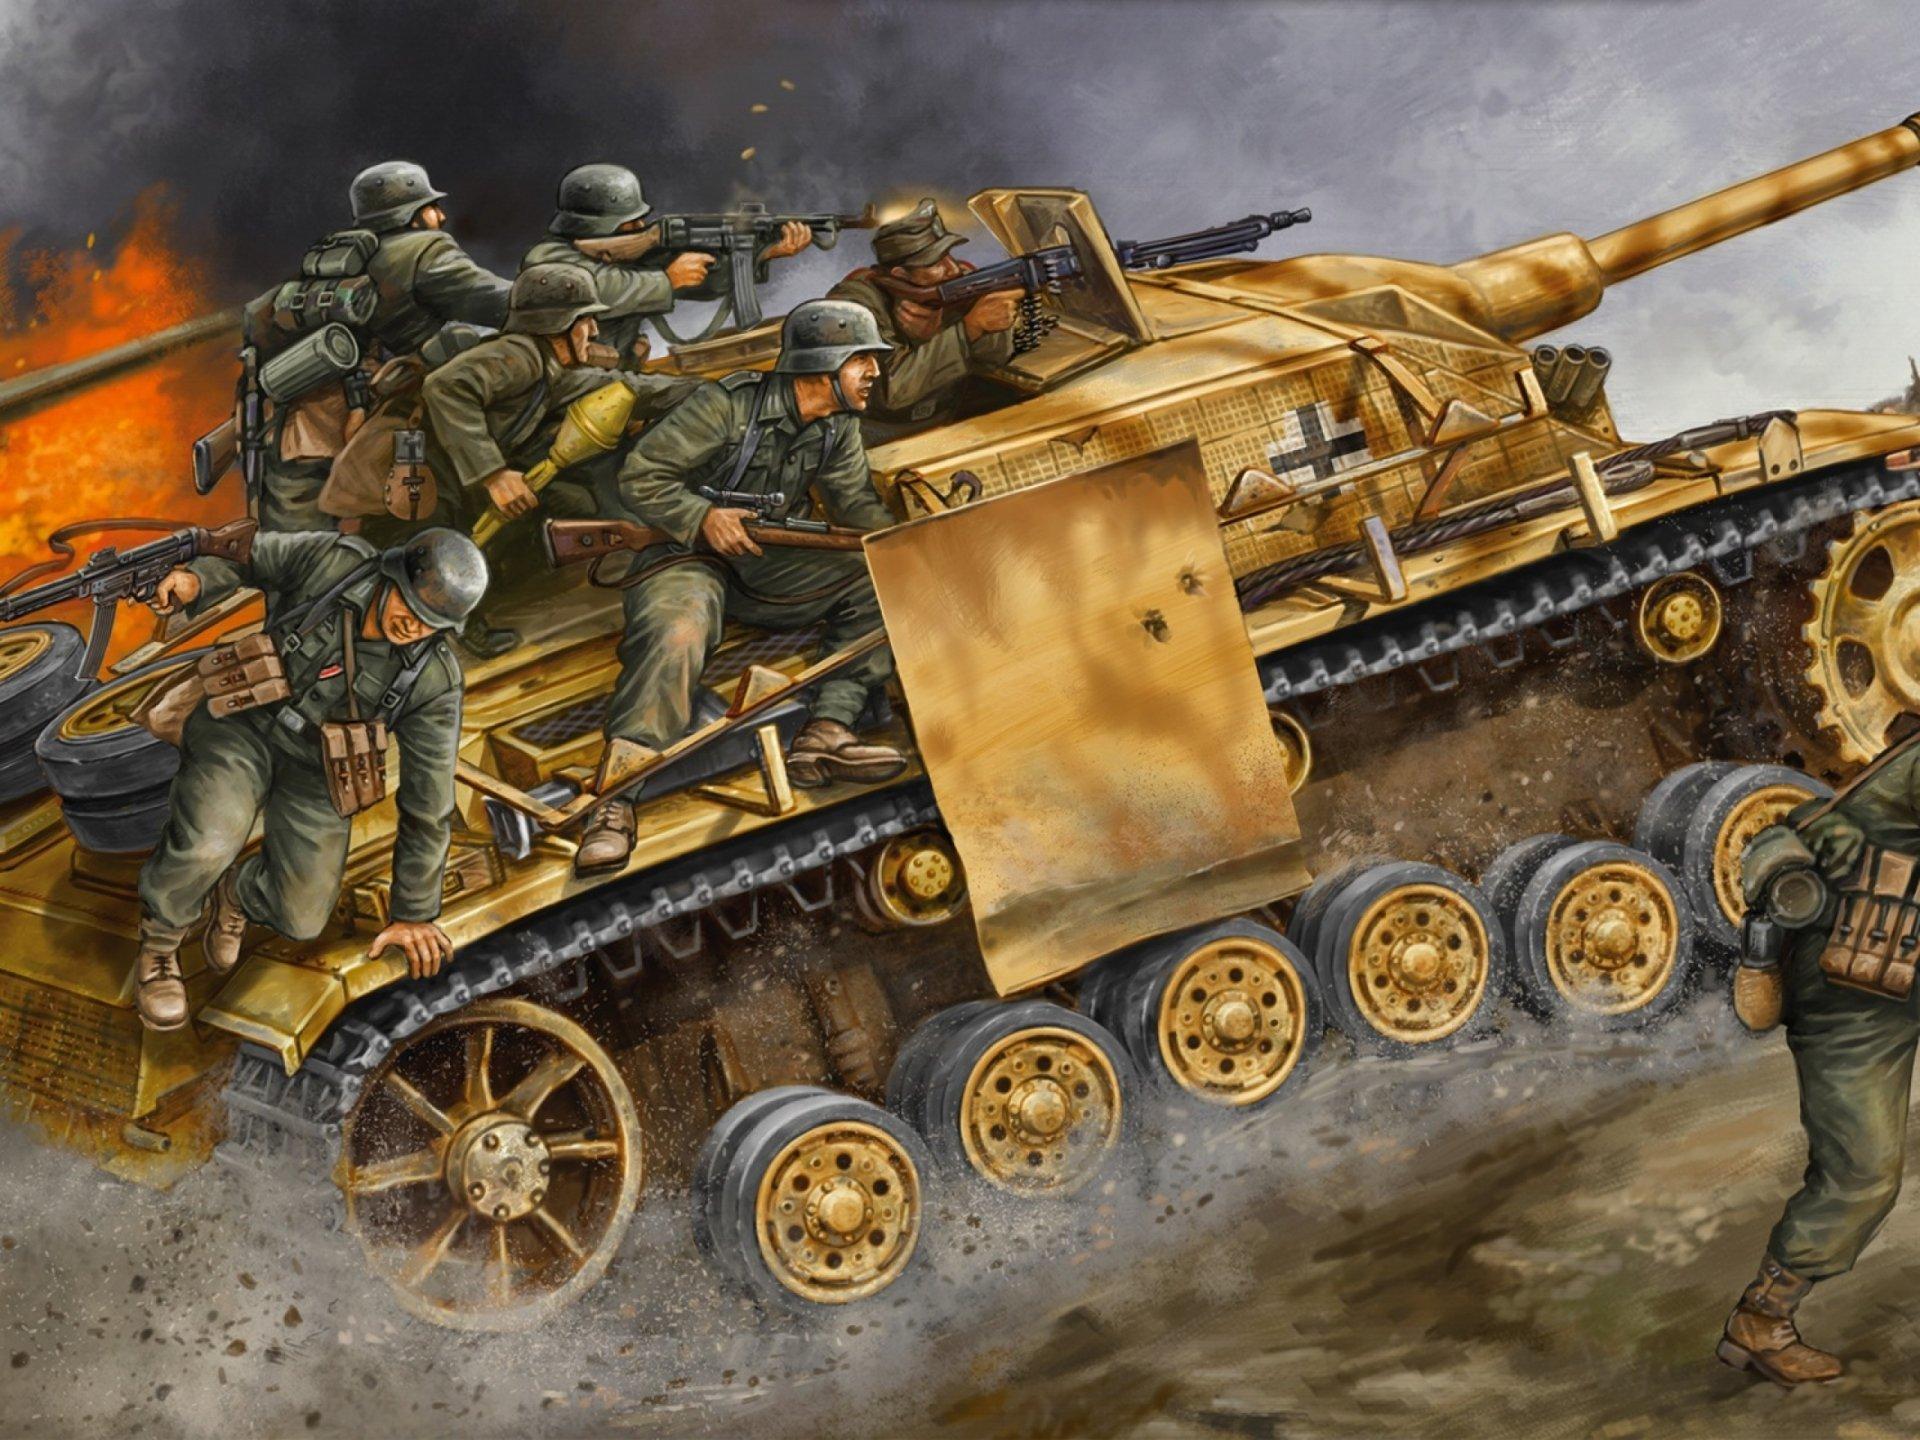 Tank Fond d'écran HD   Arrière-Plan   2560x1920   ID:238143 - Wallpaper Abyss